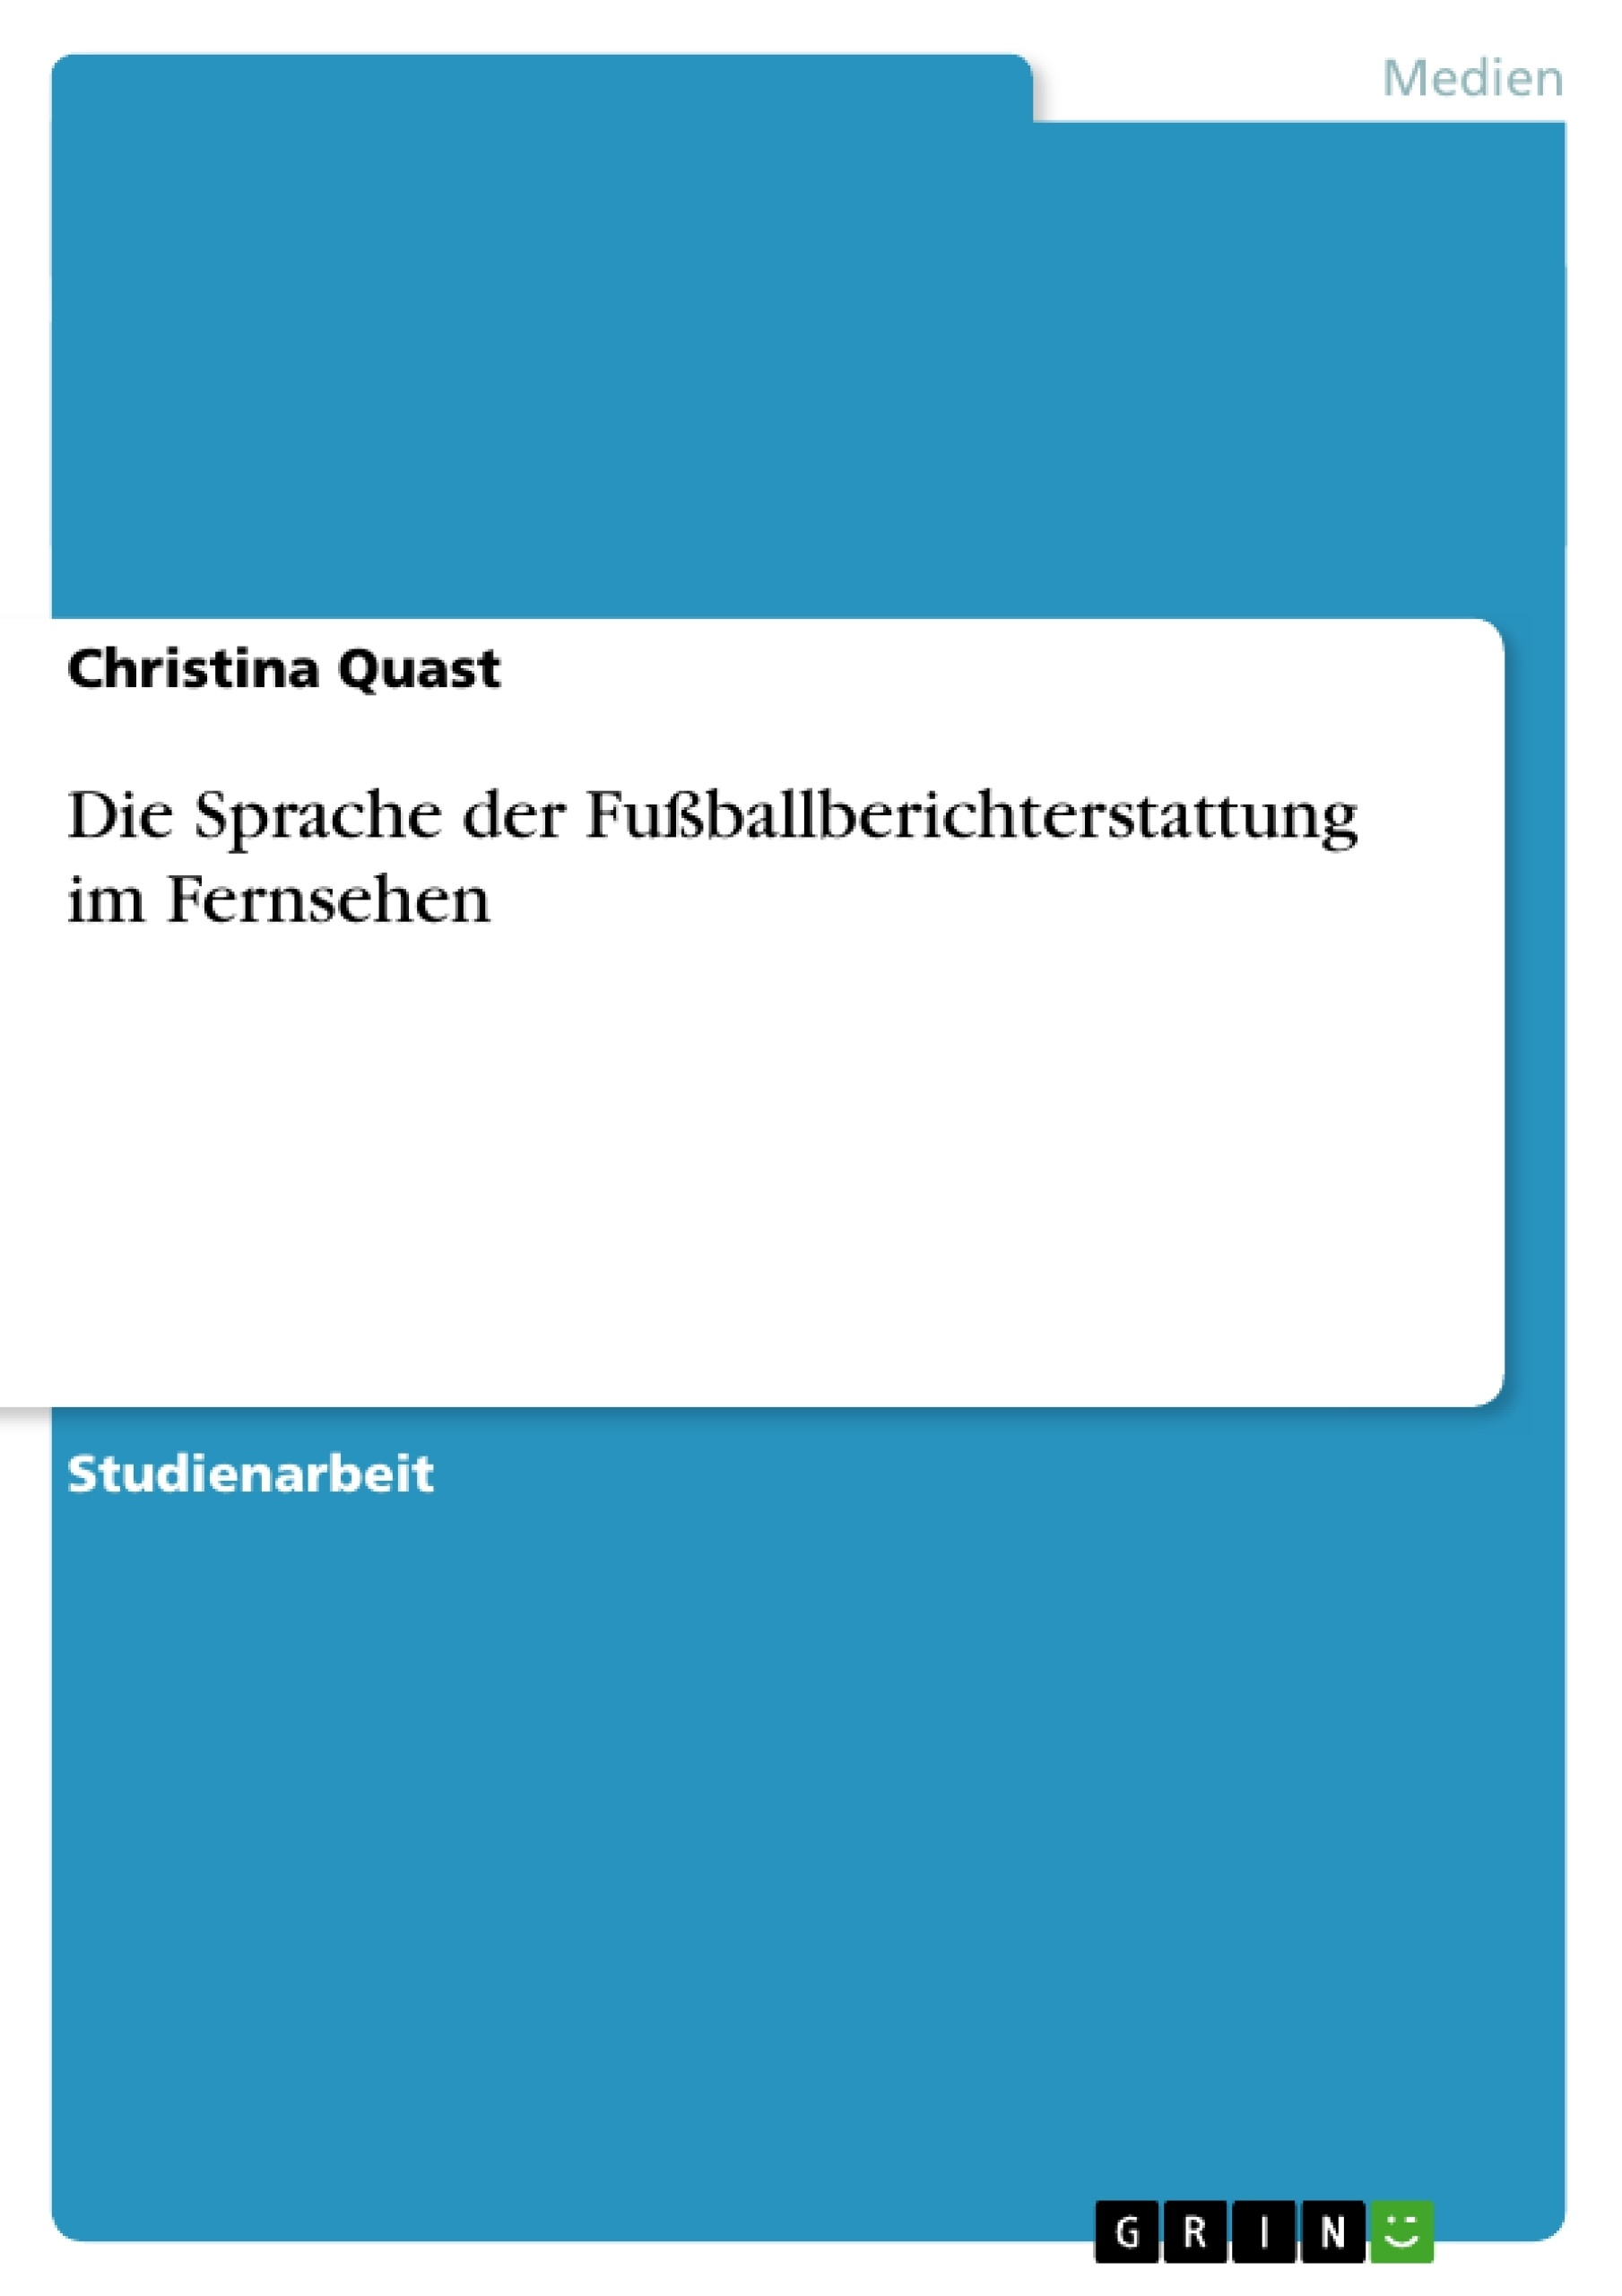 Titel: Die Sprache der Fußballberichterstattung im Fernsehen